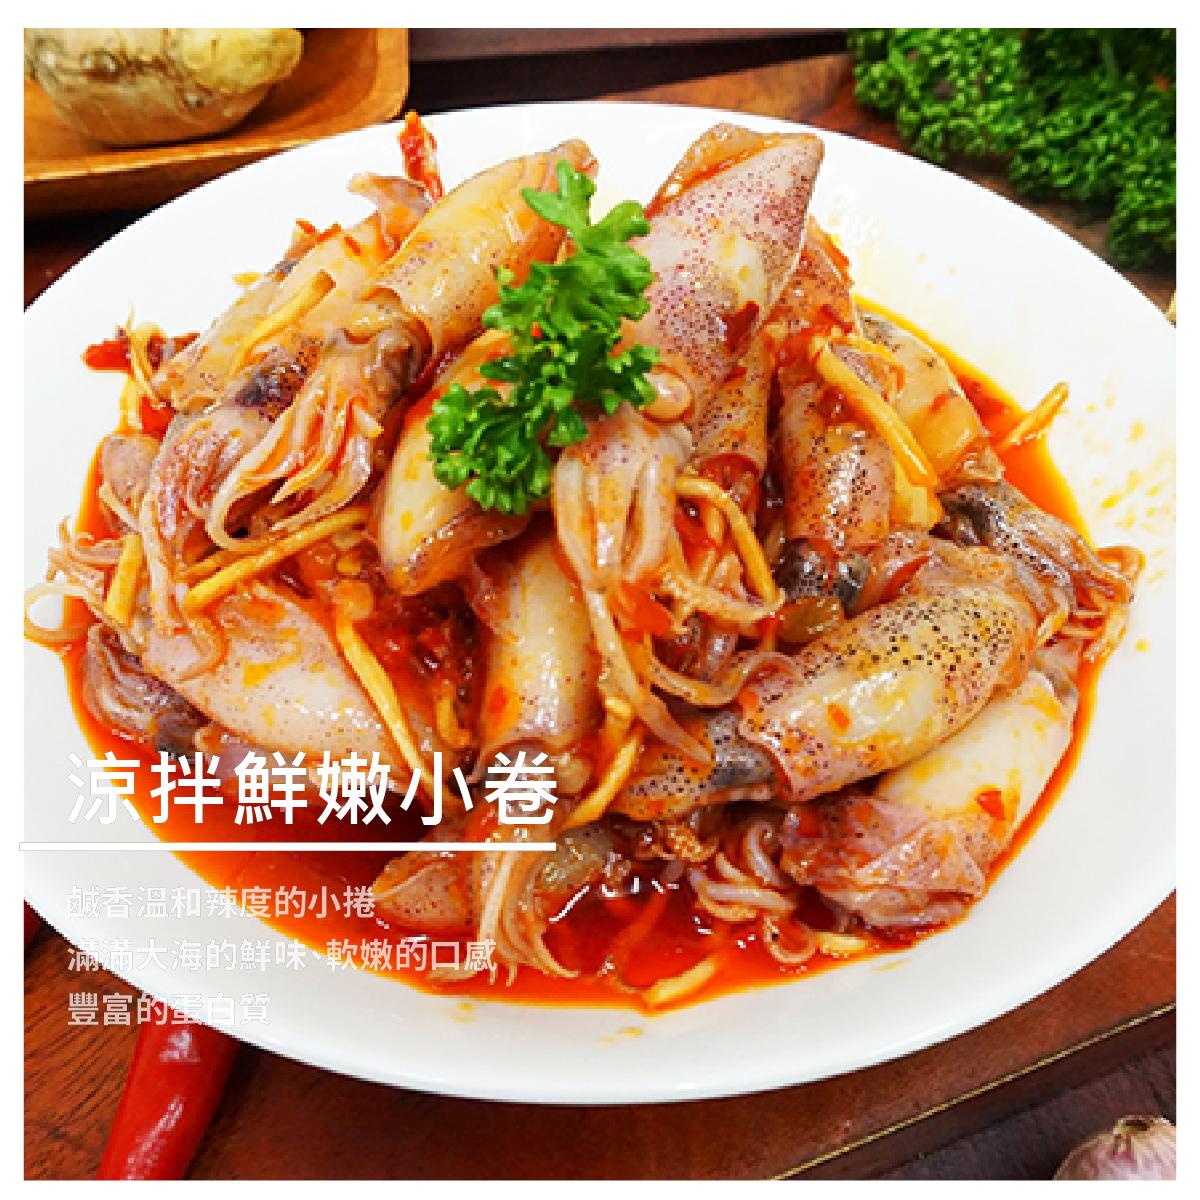 【鴻盛食品】涼拌鮮嫩小卷